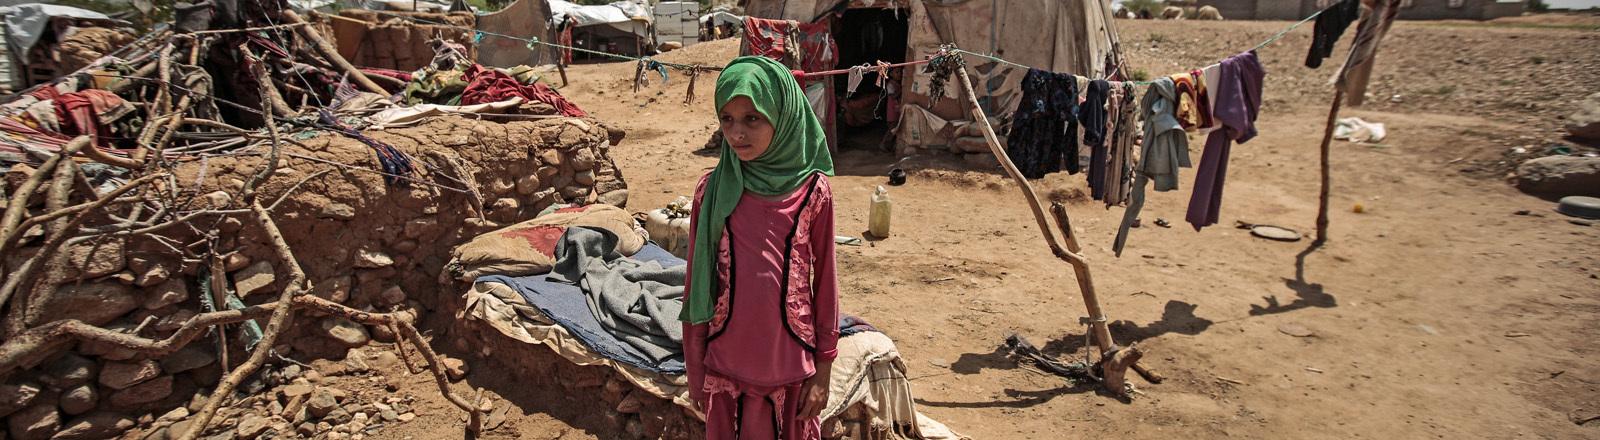 Ein Mädchen steht vor einer Hütte im Jemen.